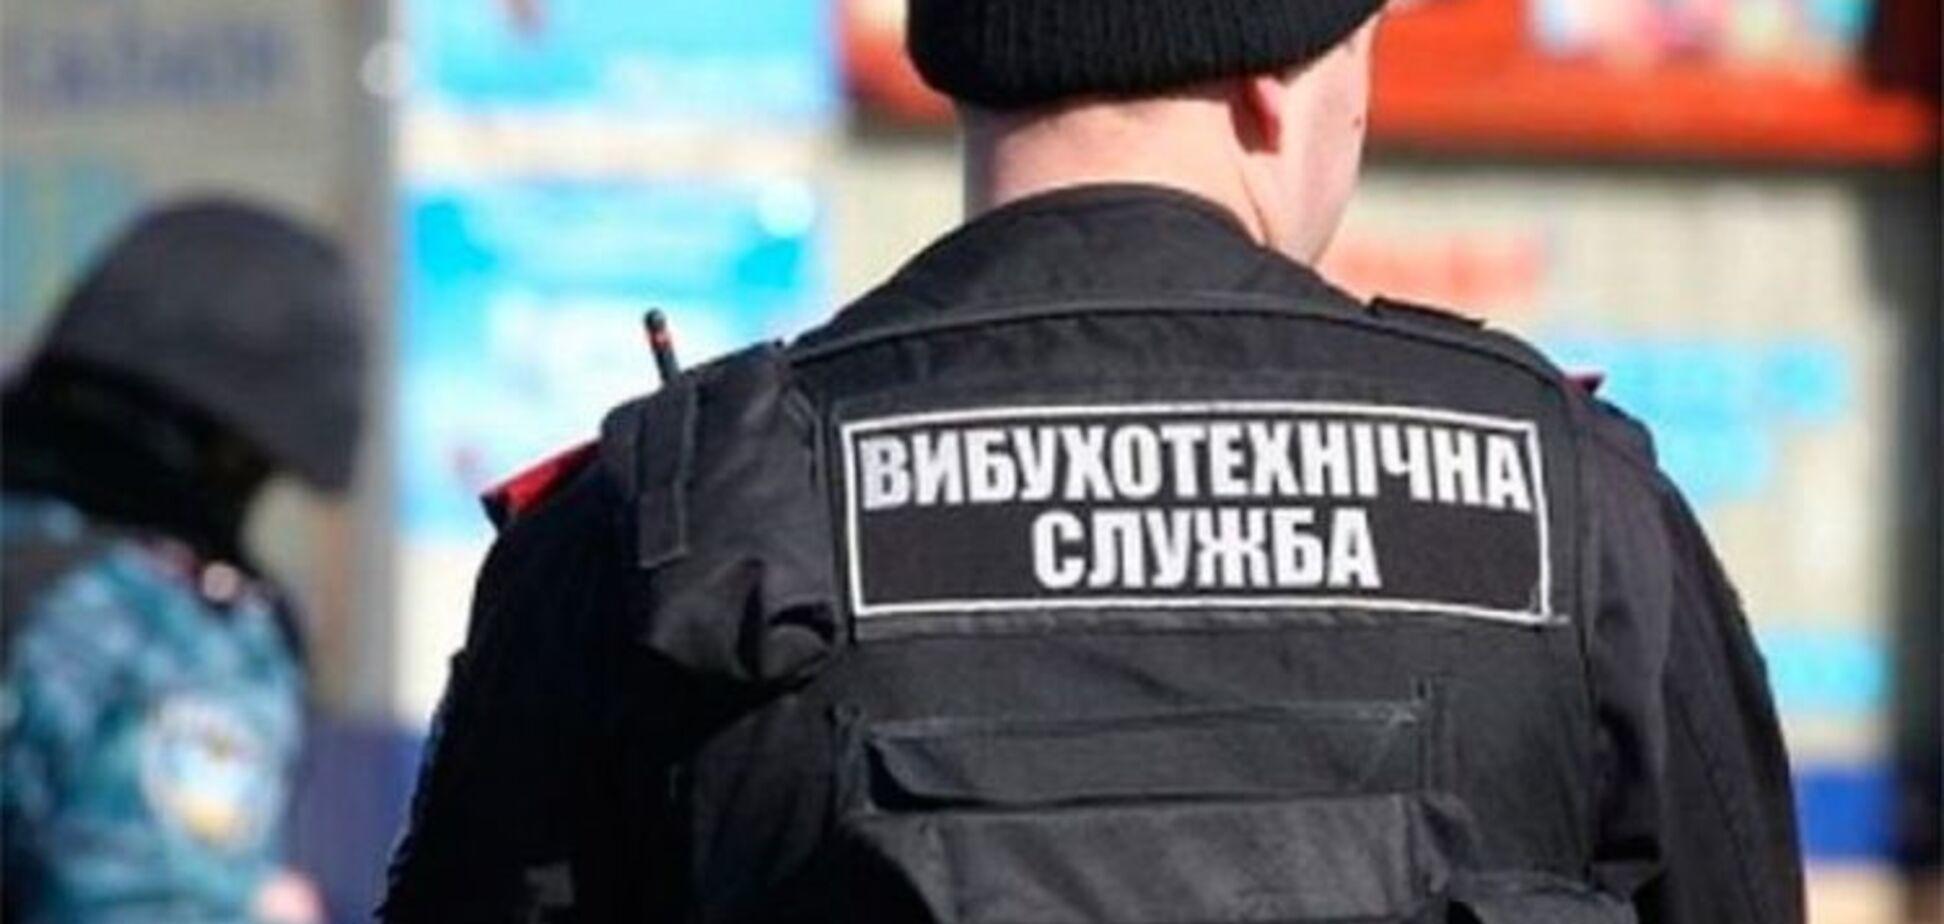 Неизвестный сообщил о минировании Запорожской АЭС